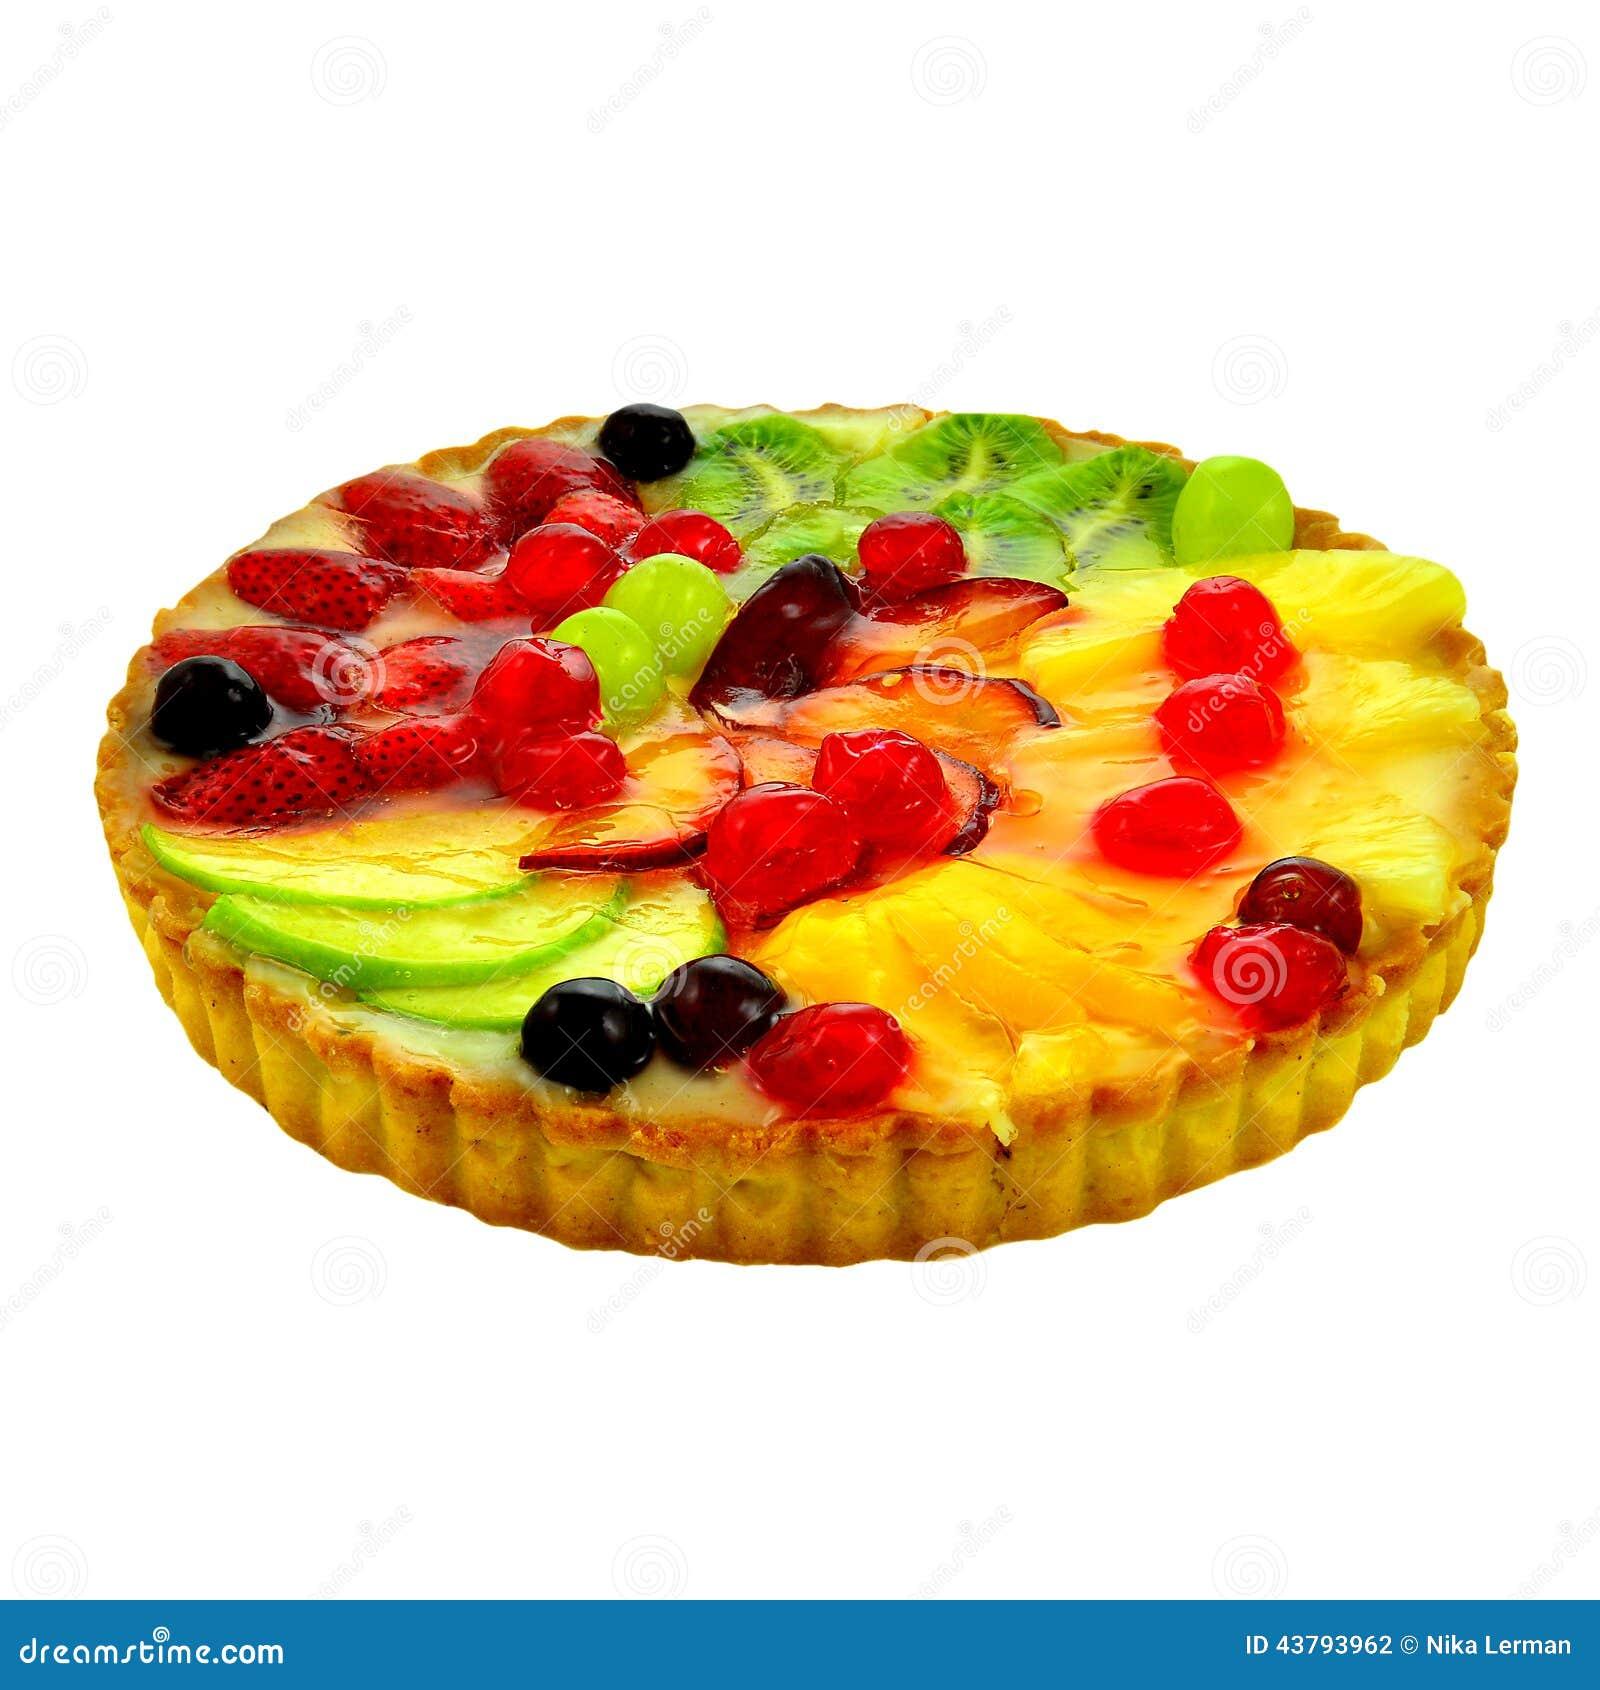 Beautiful Fruit Cake Images : Fruit Cake Stock Photo - Image: 43793962